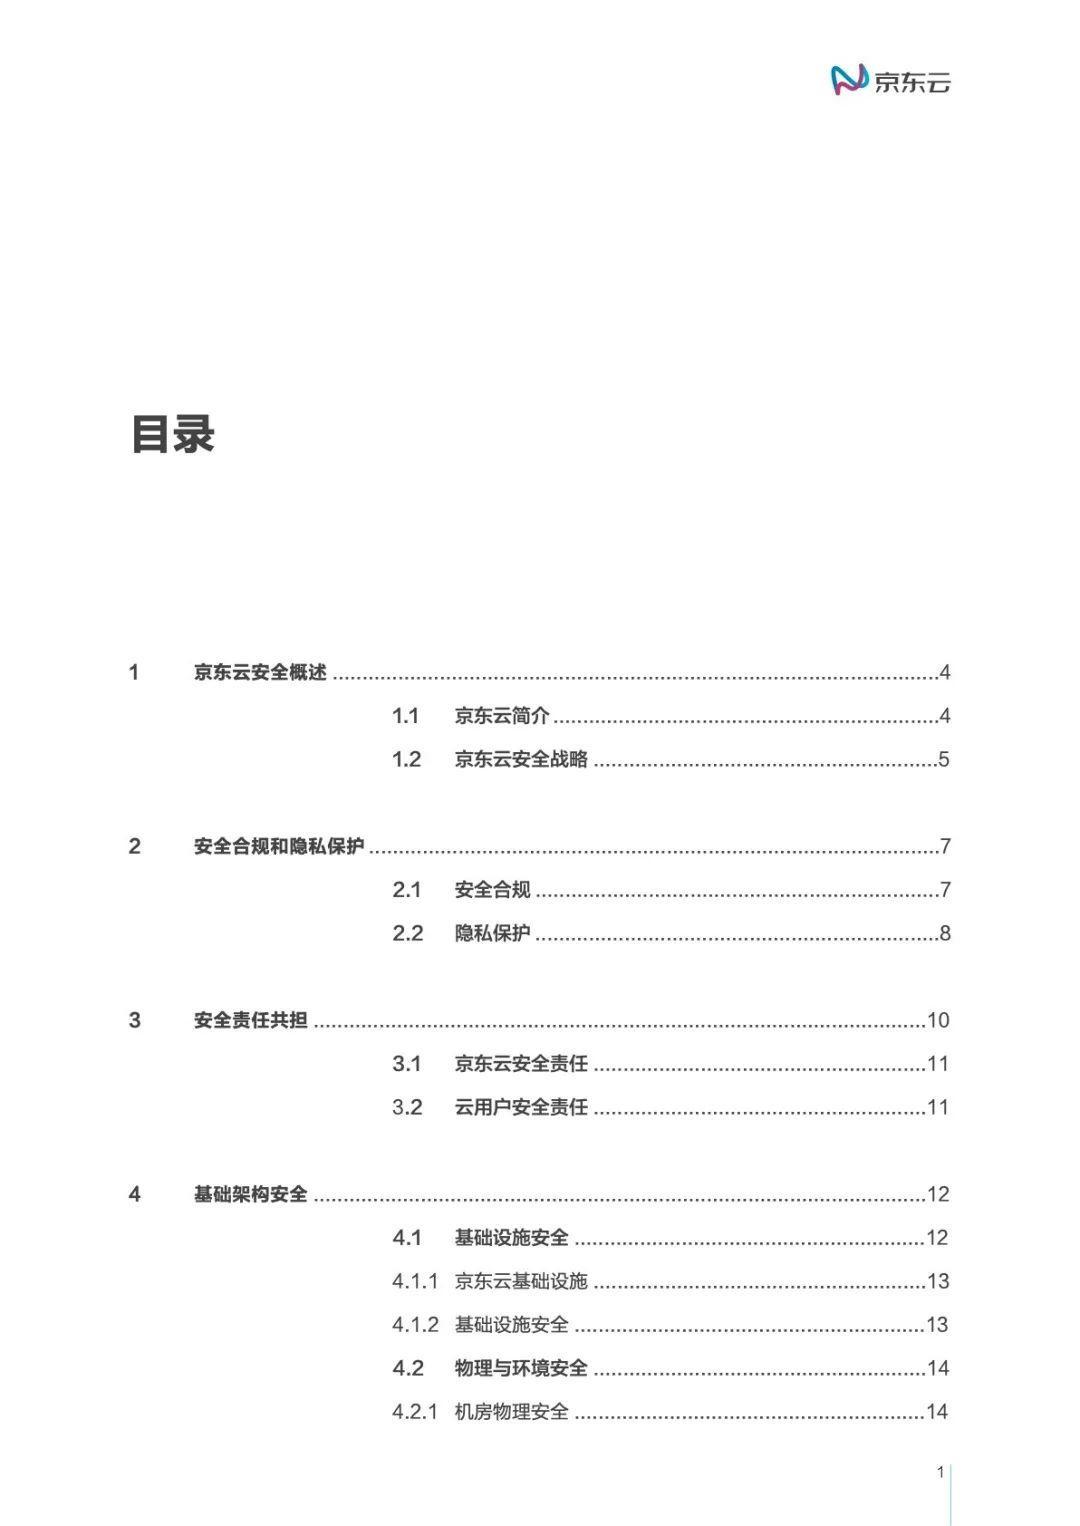 2018京东云安全白皮书